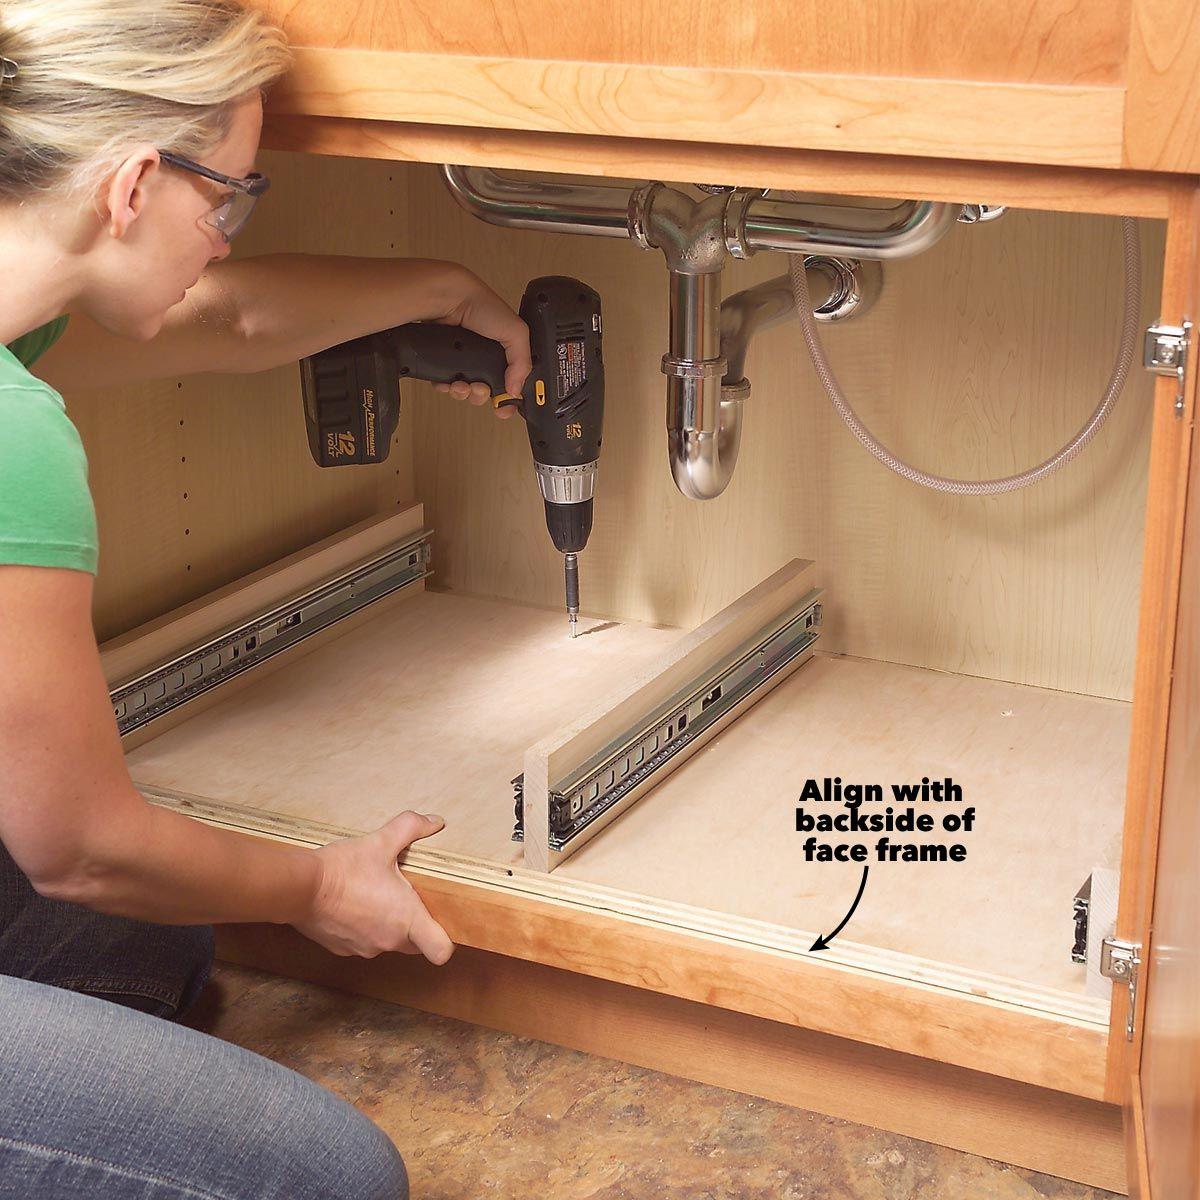 How To Build Under The Kitchen Sink Storage Trays Kitchen Cabinet Storage Kitchen Sink Storage Kitchen Cabinet Storage Solutions